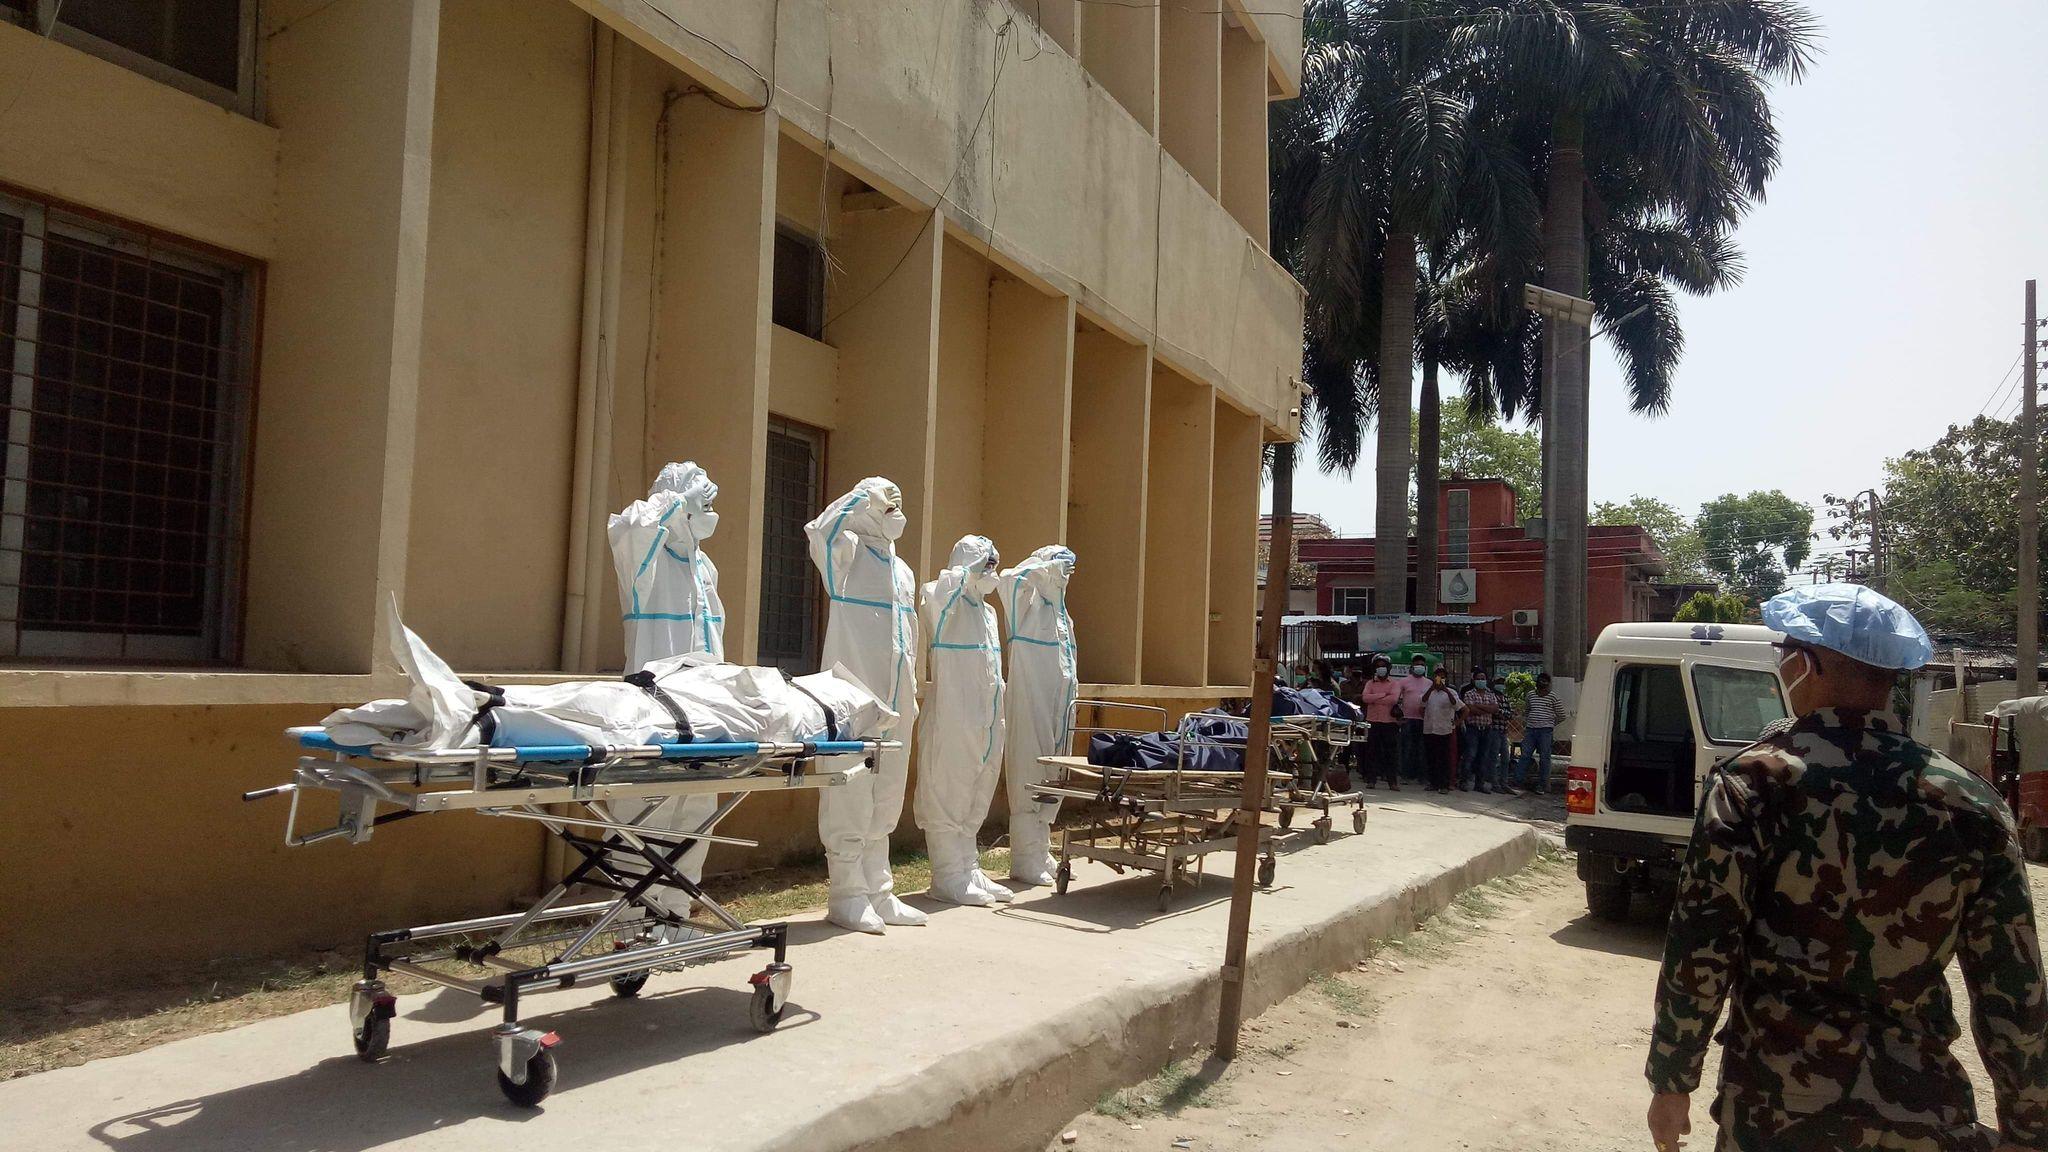 गम्भीर प्रकृतिका संक्रमित बढेको बढ्यै, अस्पतालमा अक्सिजन र बेड अभाव